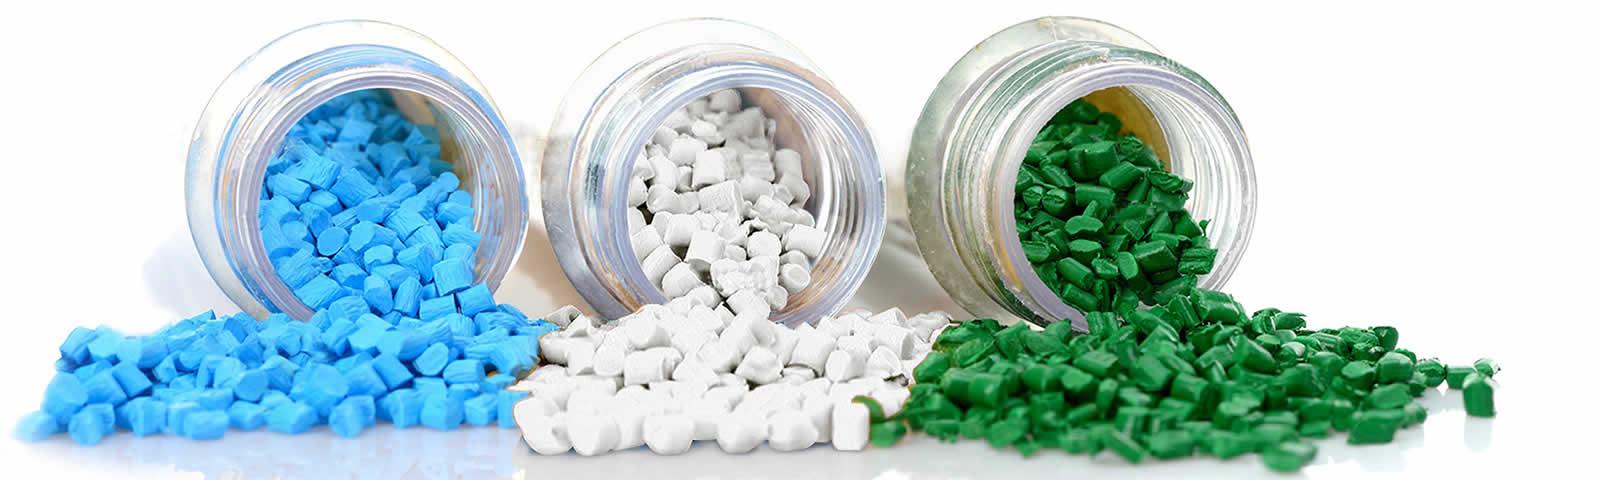 Benvic PVC compounds. Photo via Benvic.